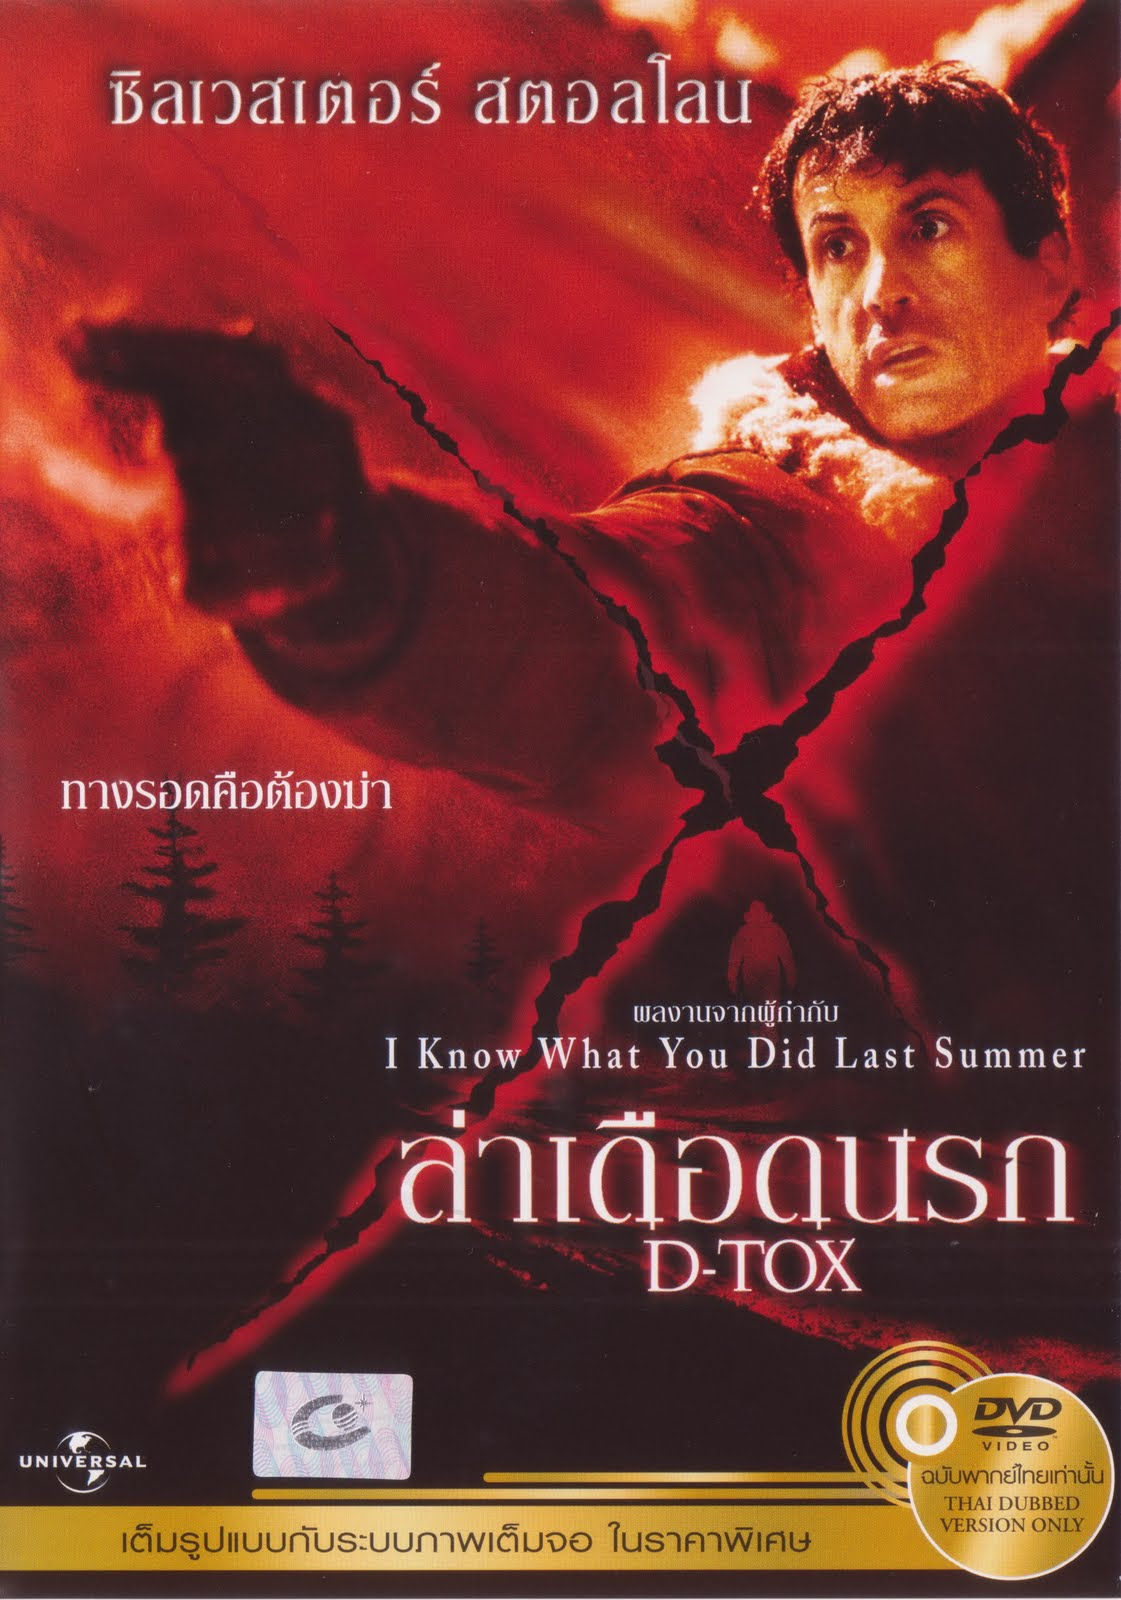 D-Tox ล่าเดือดนรก (2002)